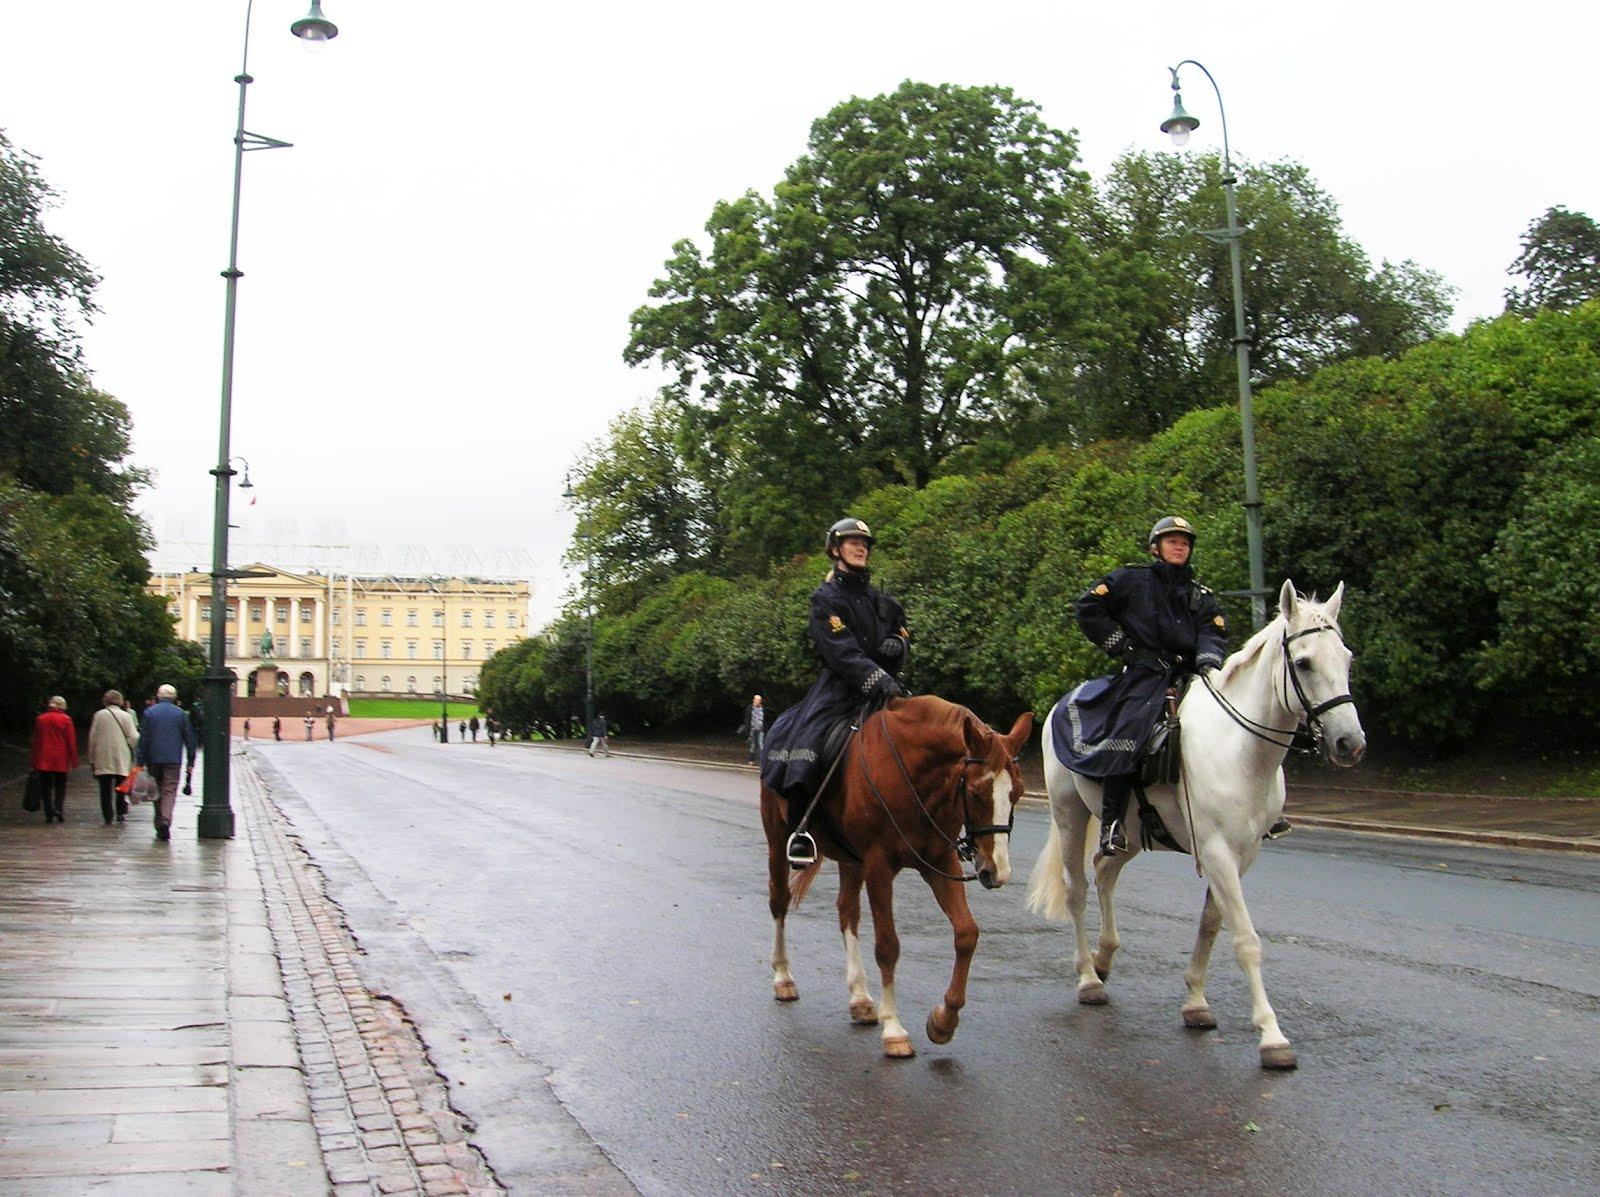 palacio real, oslo, noruega, vuelta al mundo, round the world, información viajes, consejos, fotos, guía, diario, excursiones